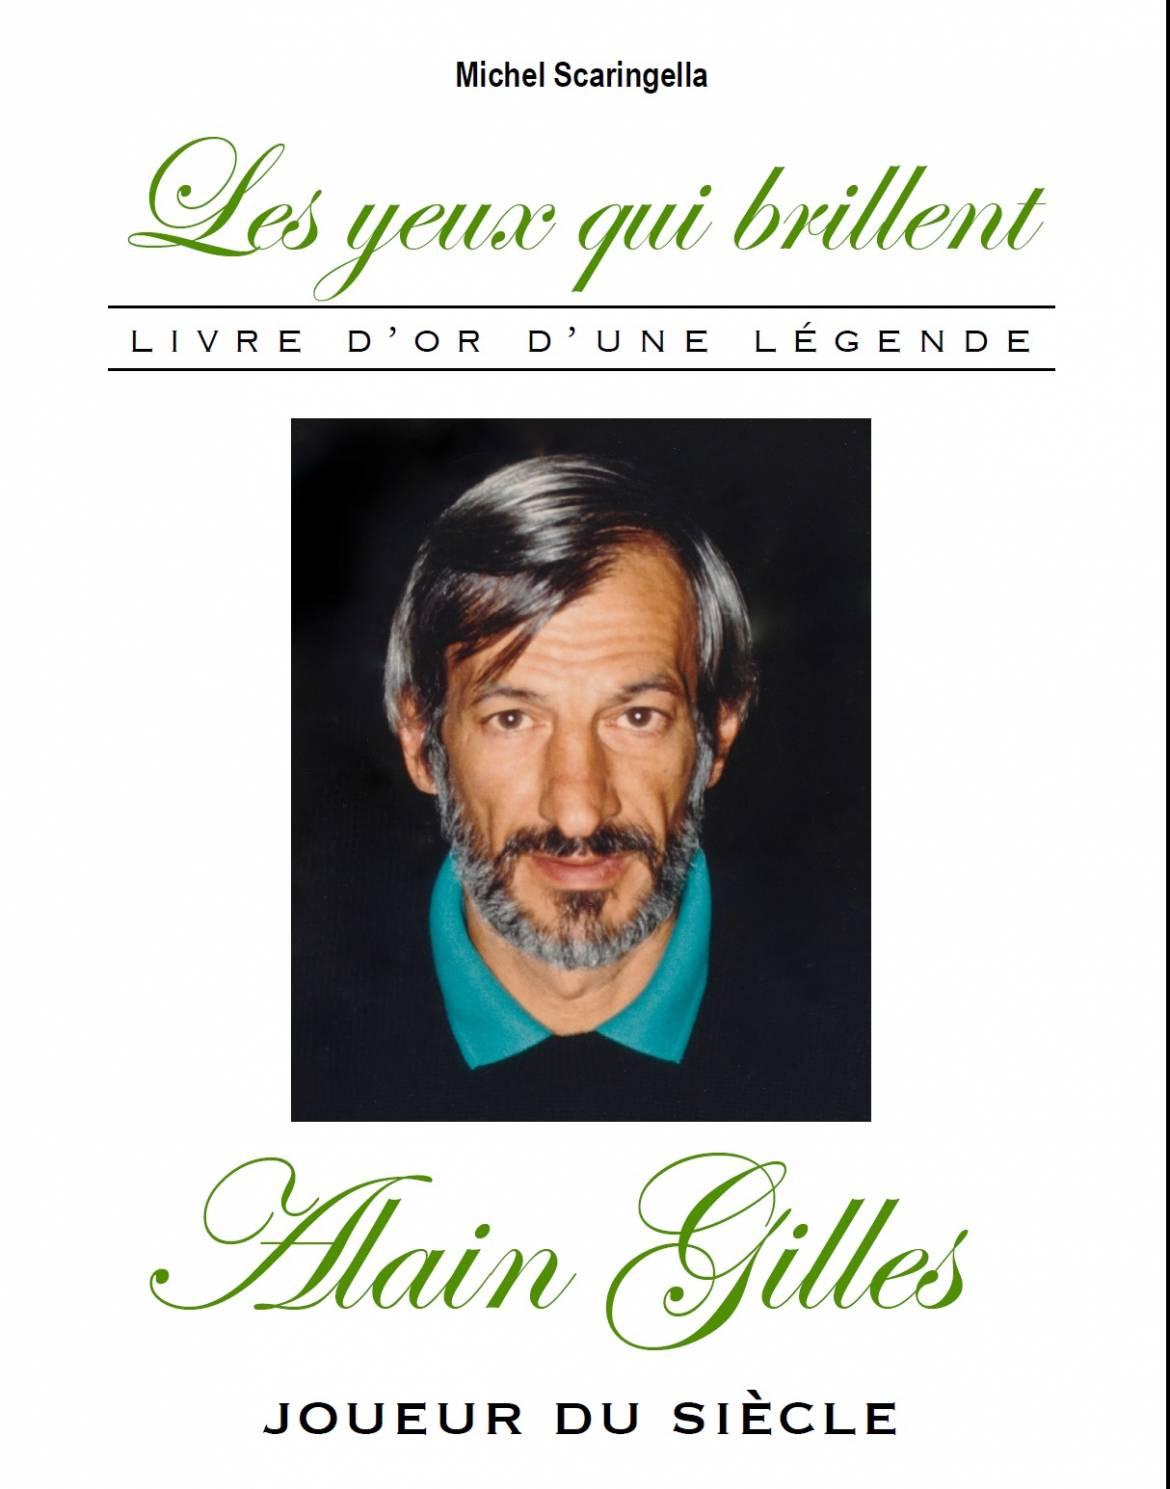 La couverture du livre de Michel Scaringella sur son ami Alain Gilles.